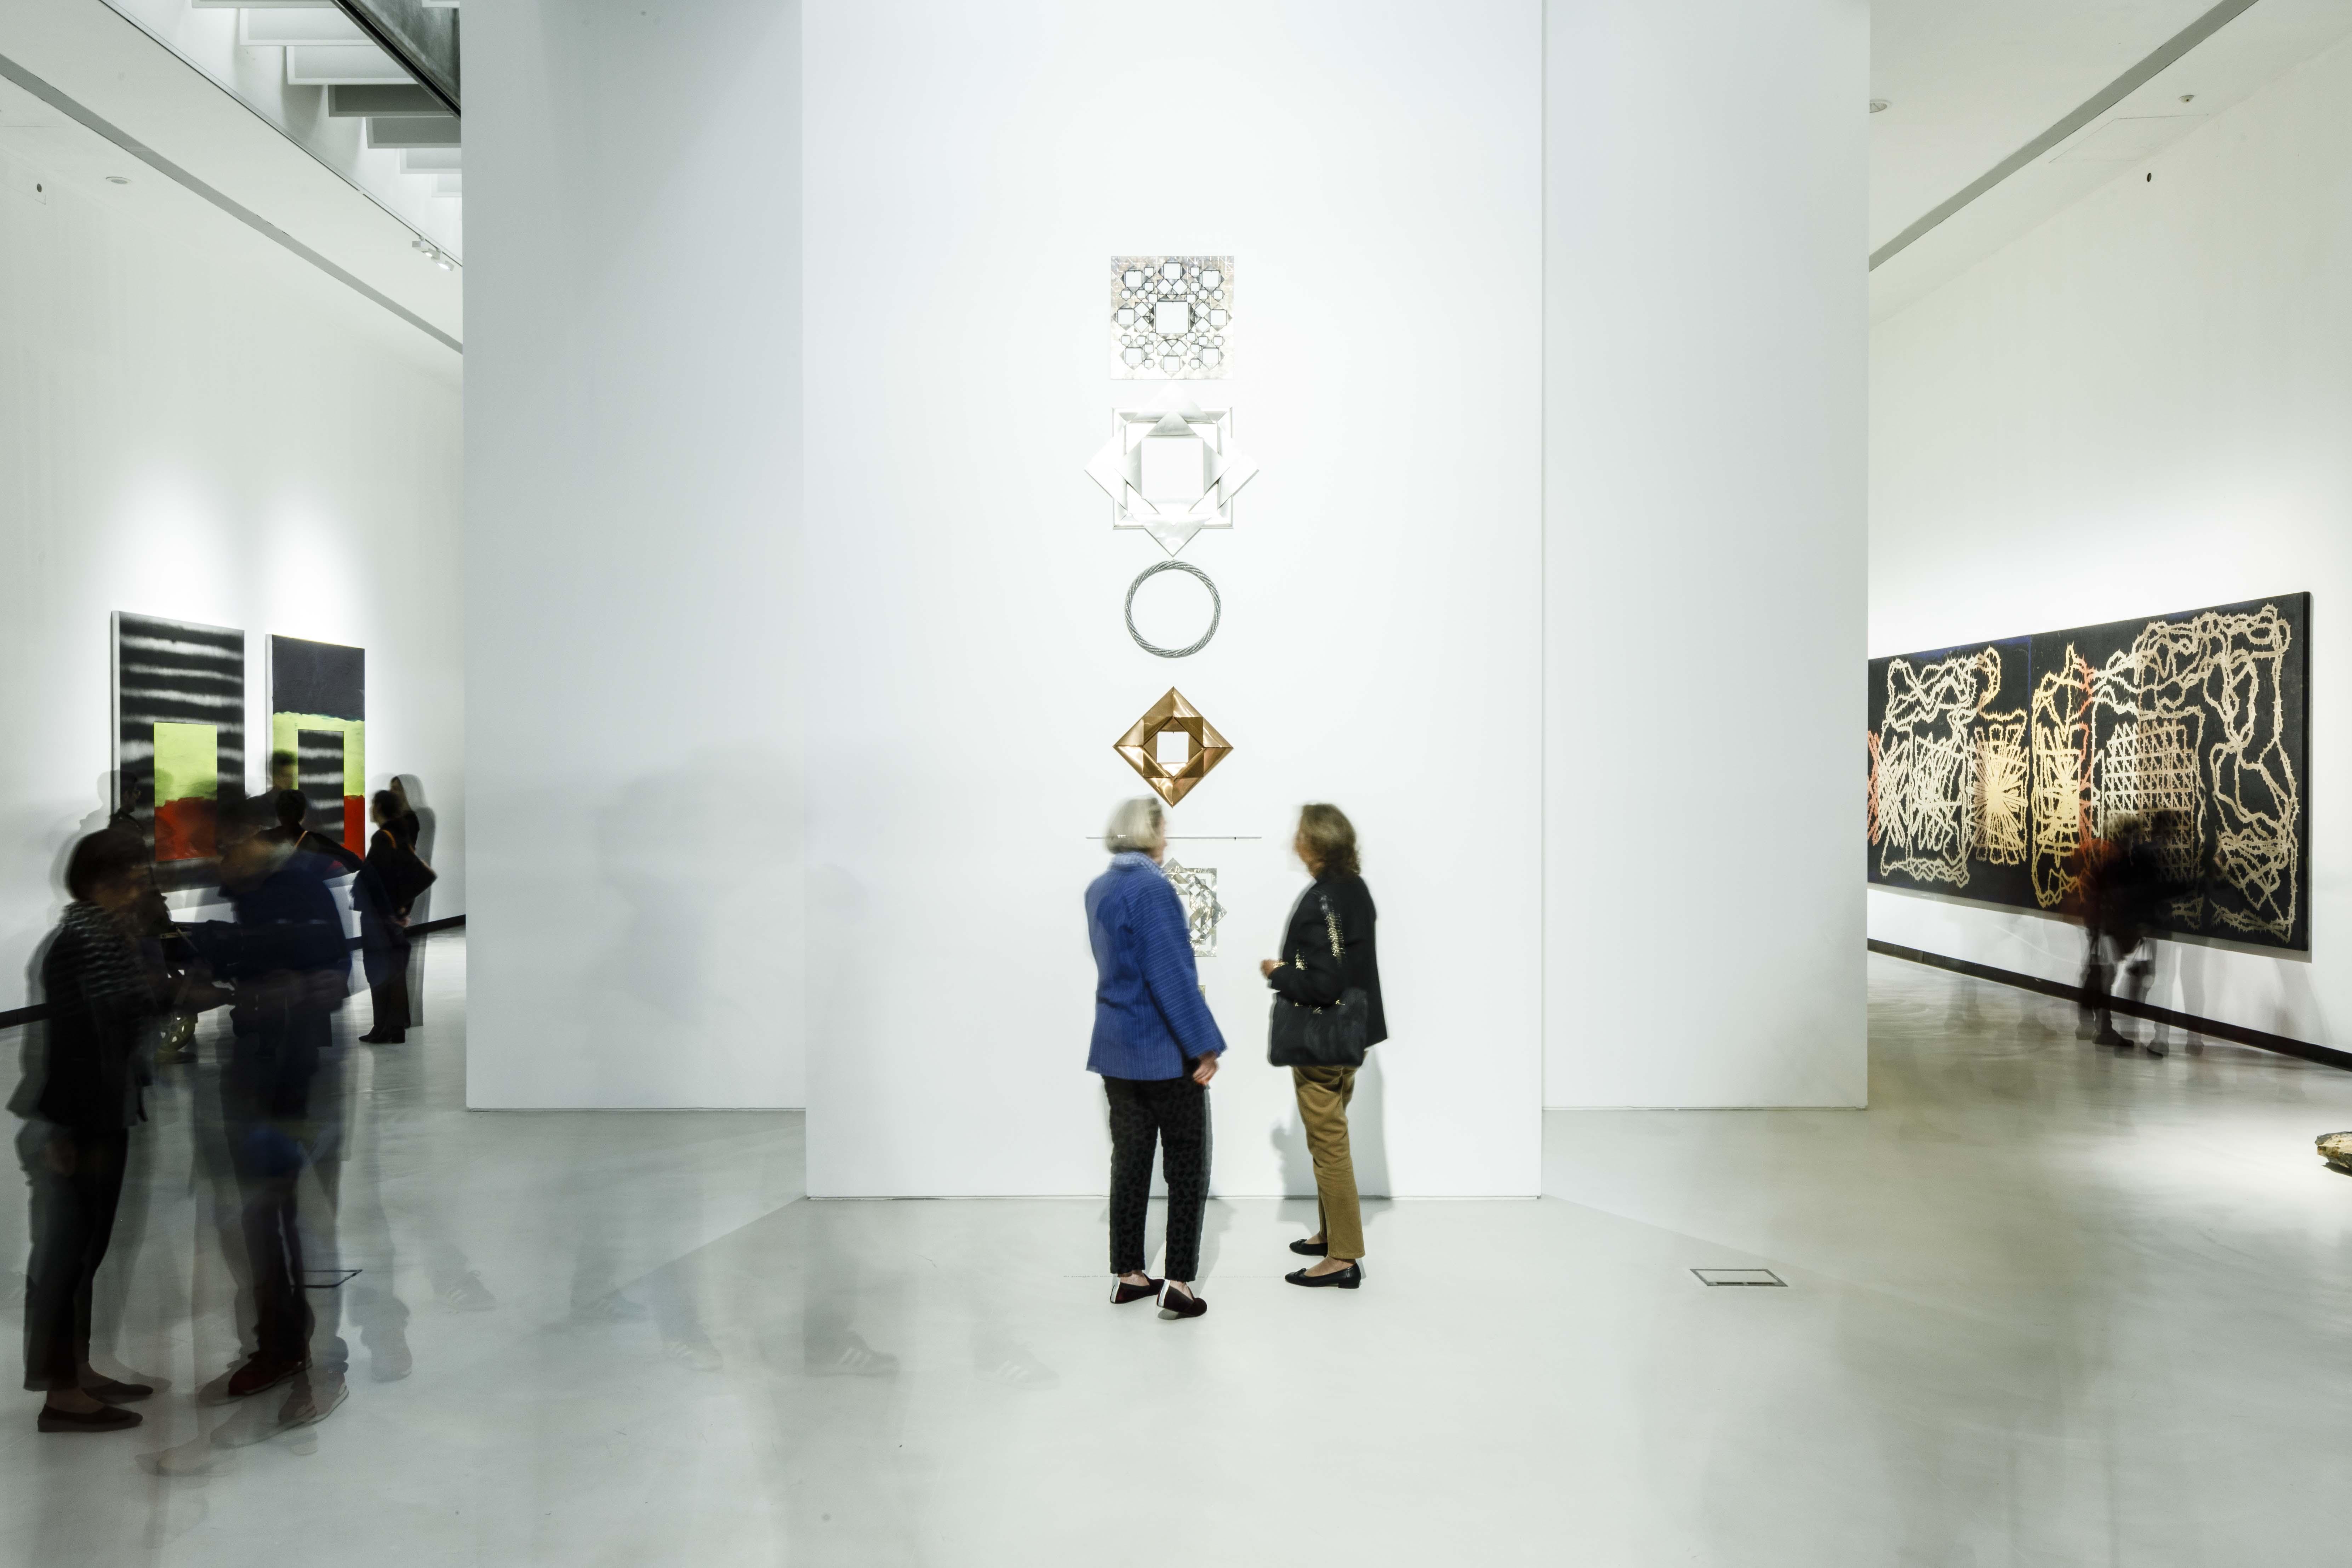 della materia spirituale dell'arte | Photo © Musacchio, Ianniello & Pasqualini, courtesy Fondazione MAXXI